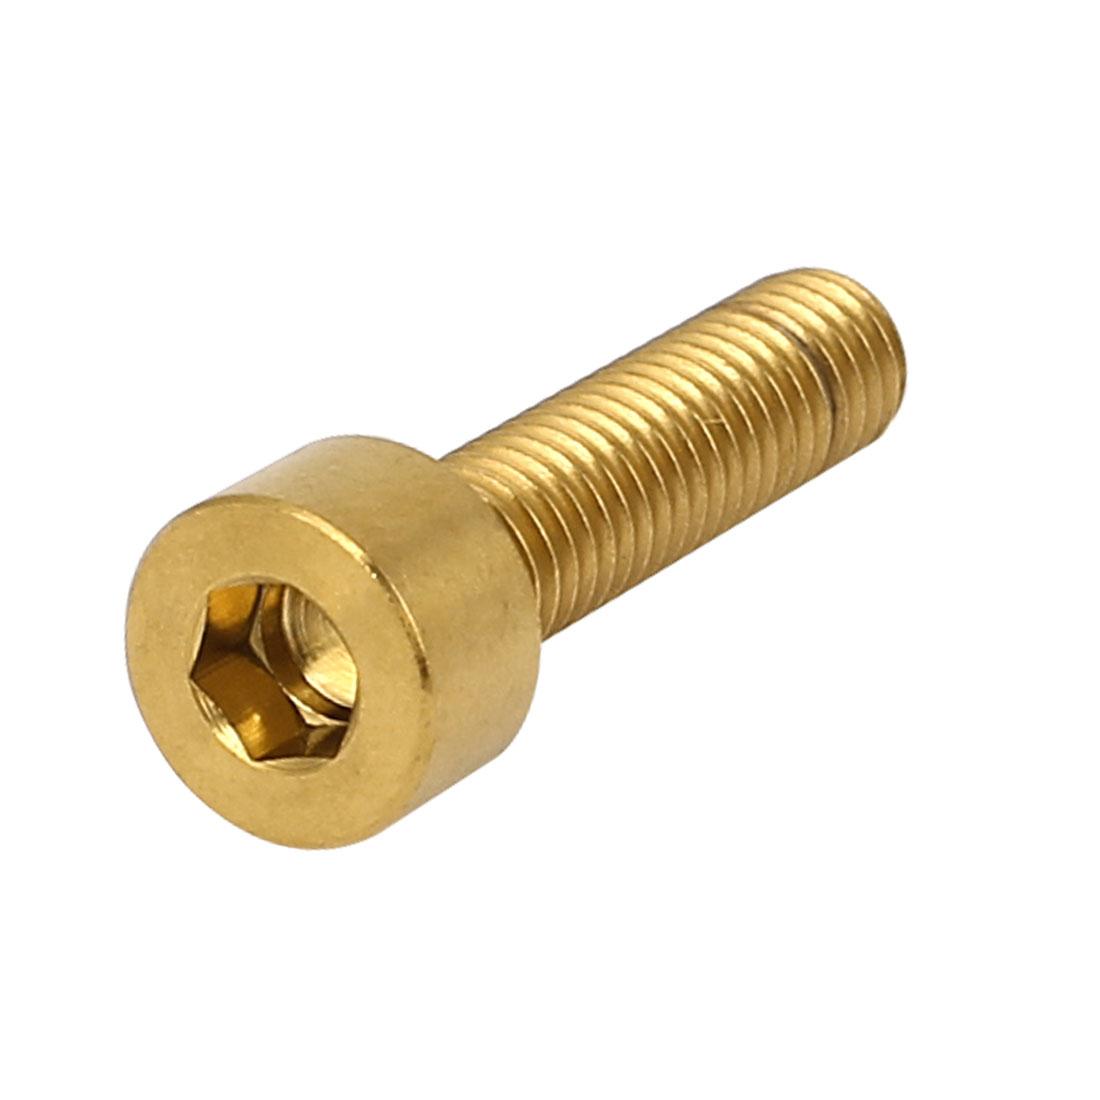 M5x20mm Gold Tone TC4 Titanium MTB Bike Hex Socket Cap Head Bolts Screws DIN 912